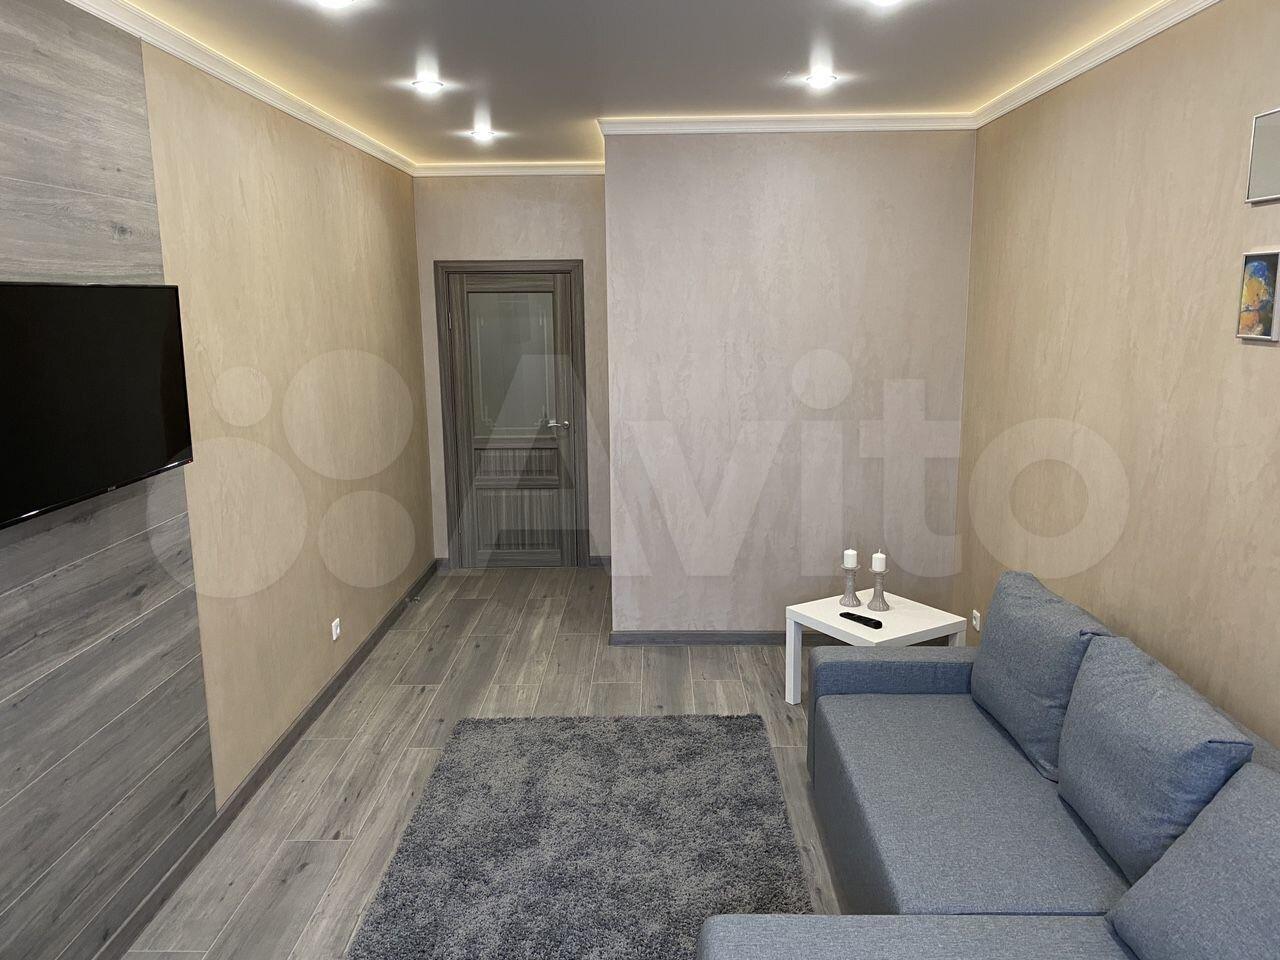 1-к квартира, 51 м², 2/3 эт.  89092547384 купить 3